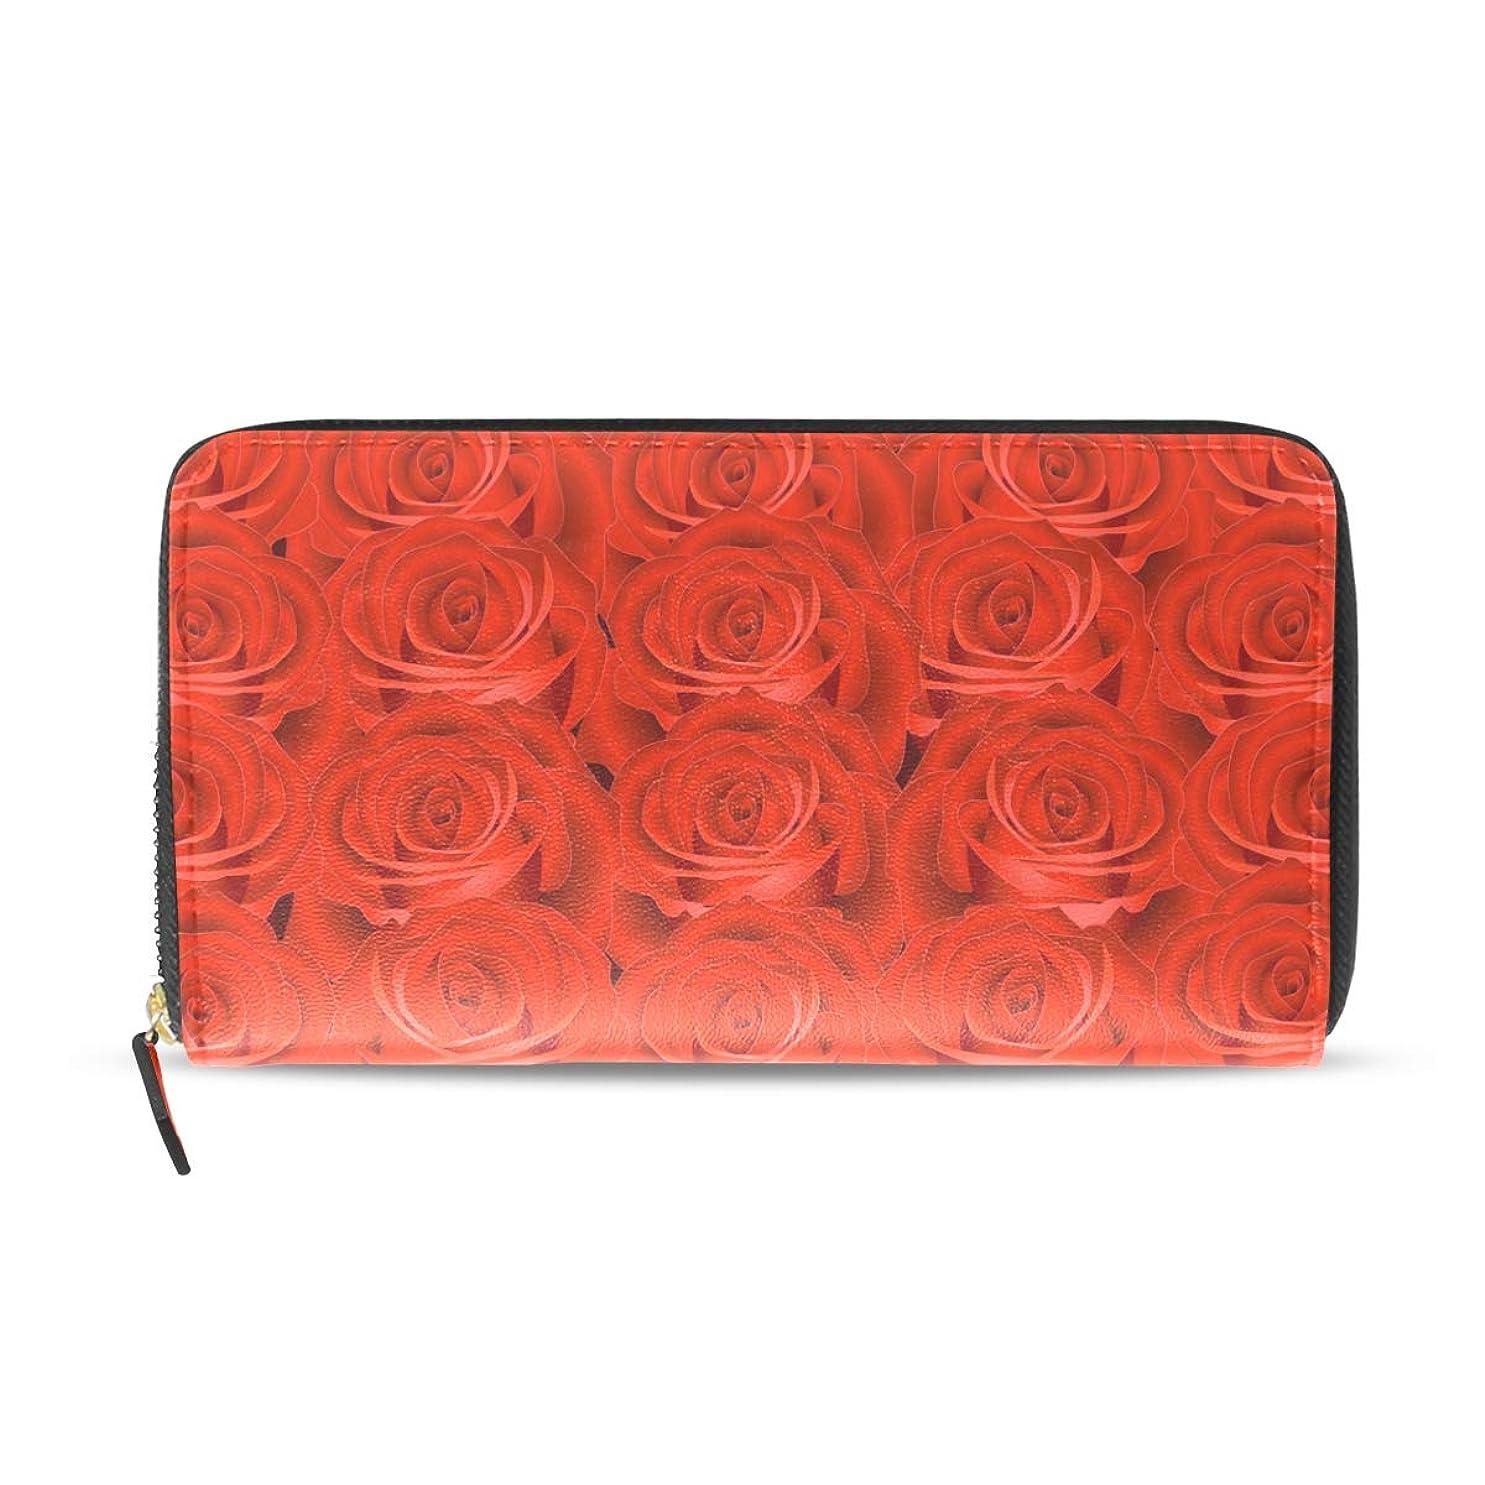 致命的並外れて変装したAOMOKI 長財布 財布 ラウンドファスナー 北欧 ギフト プレゼント PU レザー 大容量 通学 通勤 旅行 幅20*丈11cm 薔薇柄 赤 花柄